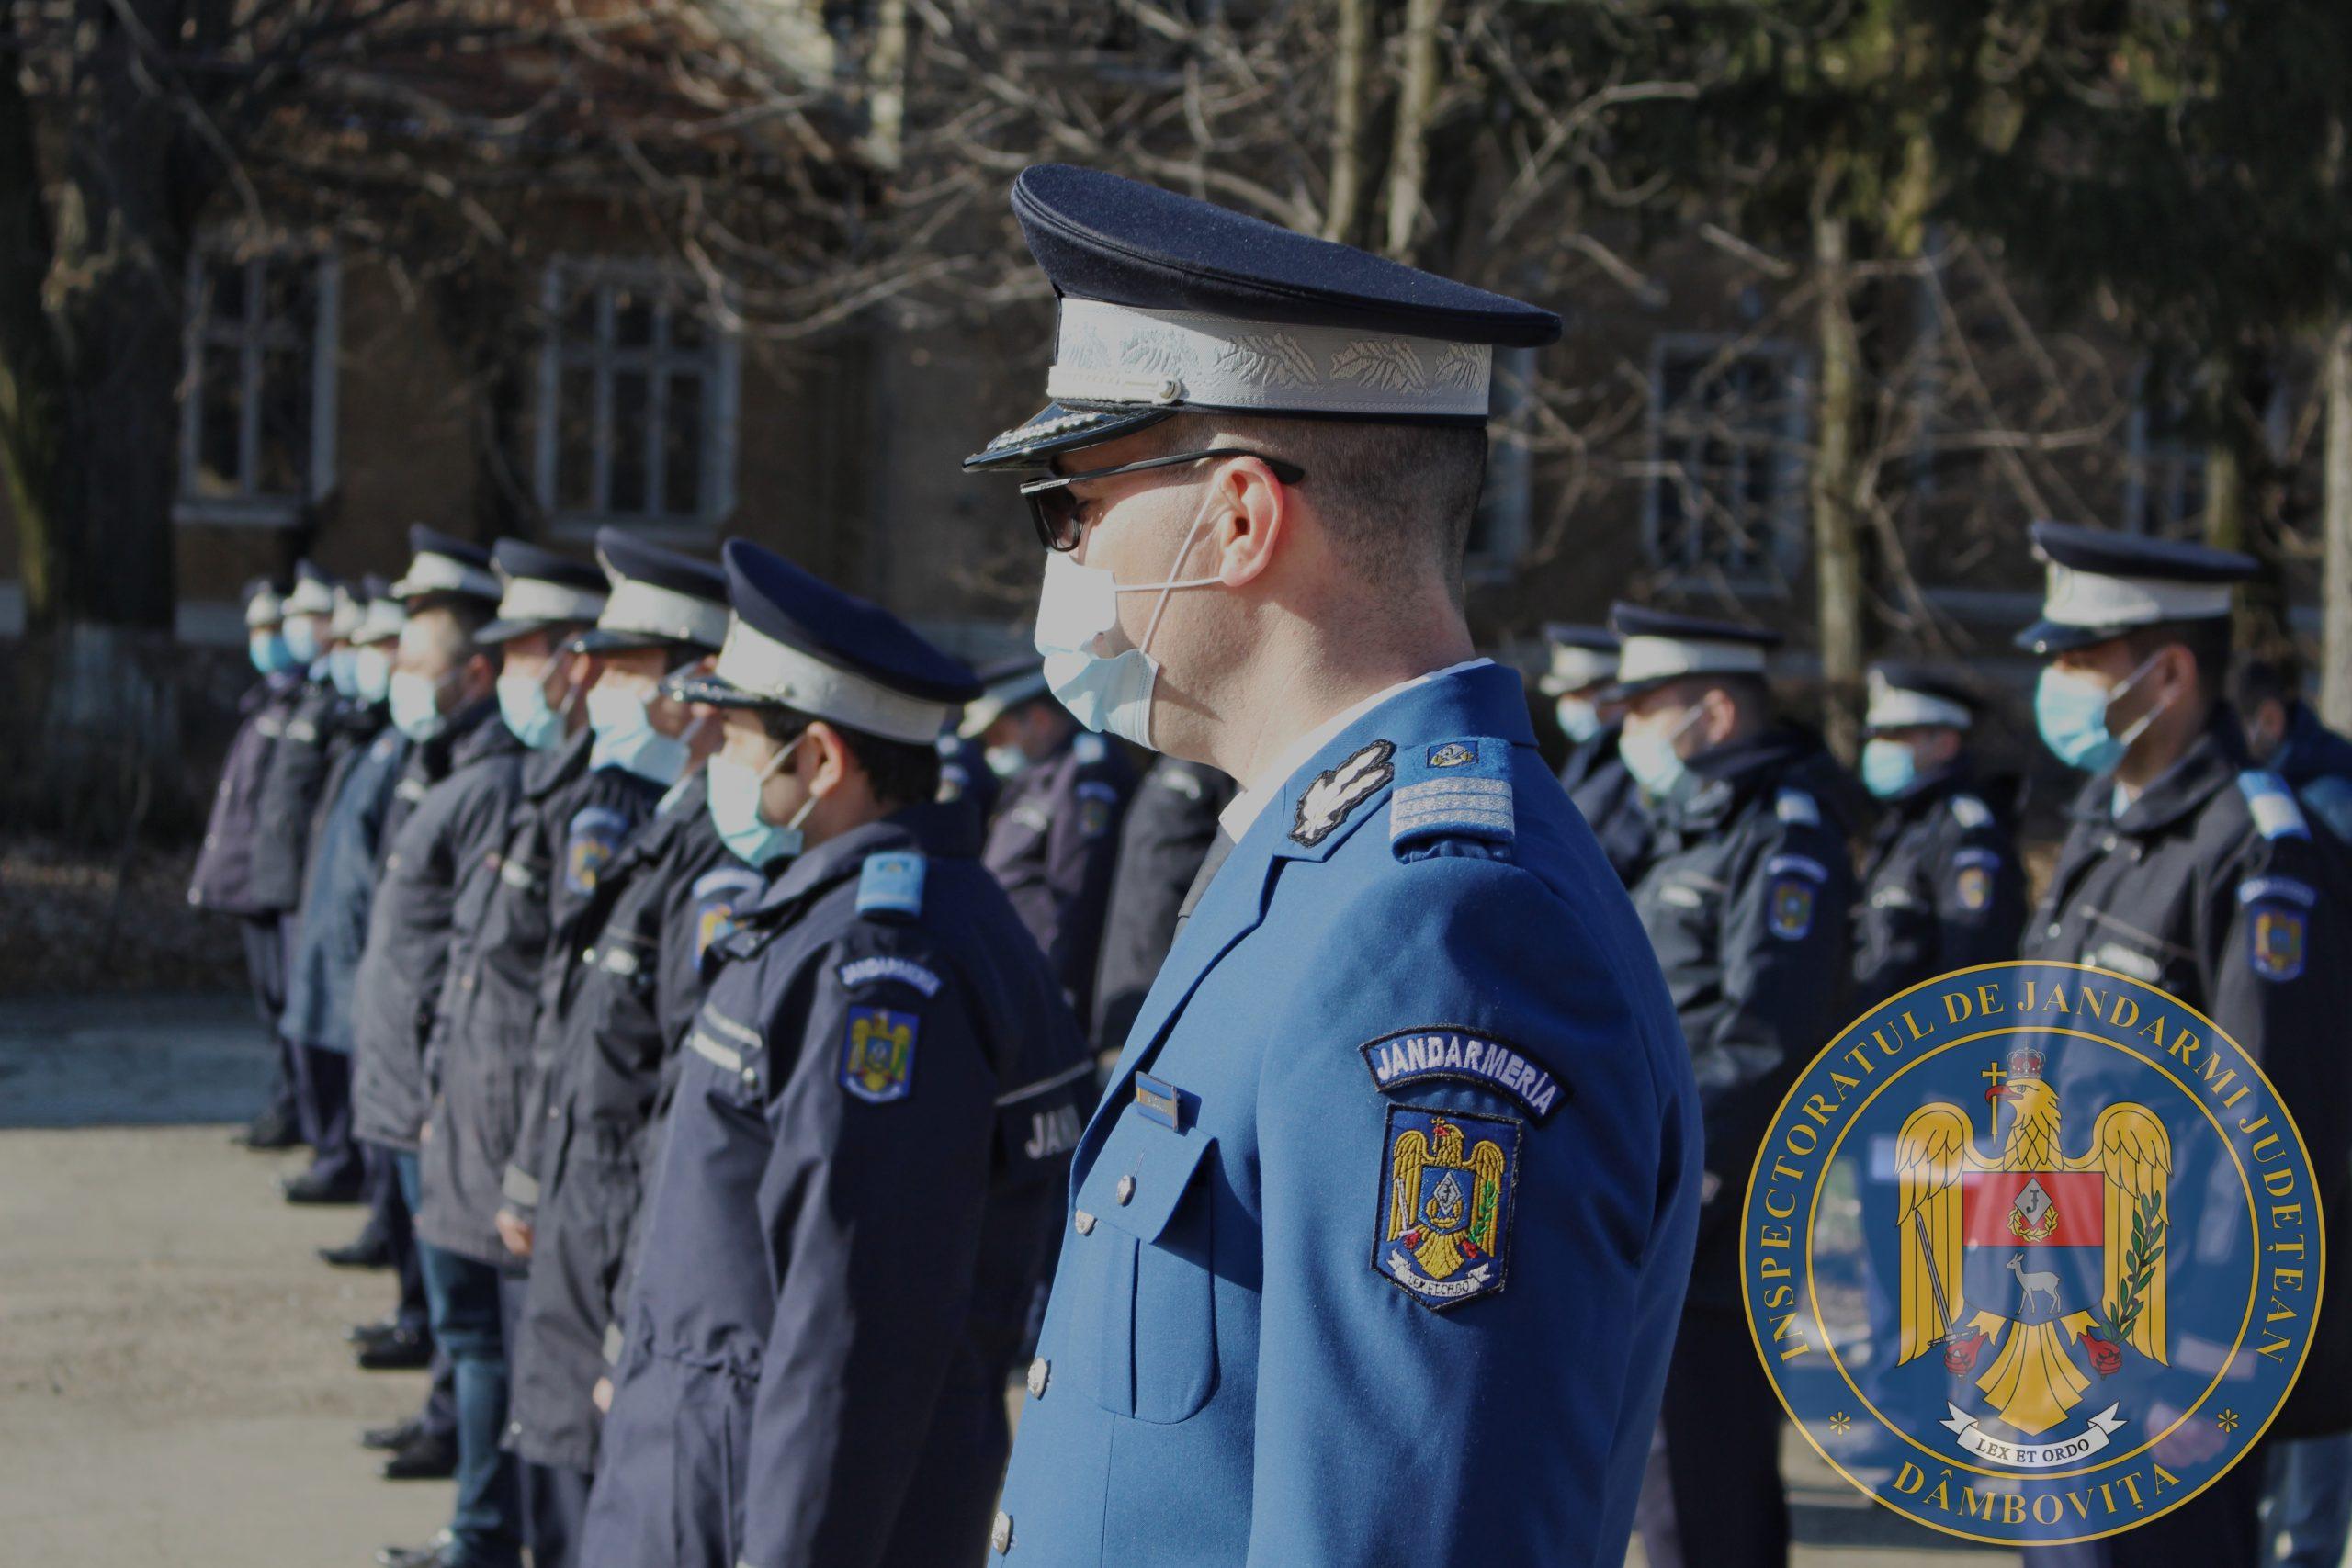 Trei subofițeri jandarmi au fost înaintați în gradul de căpitan